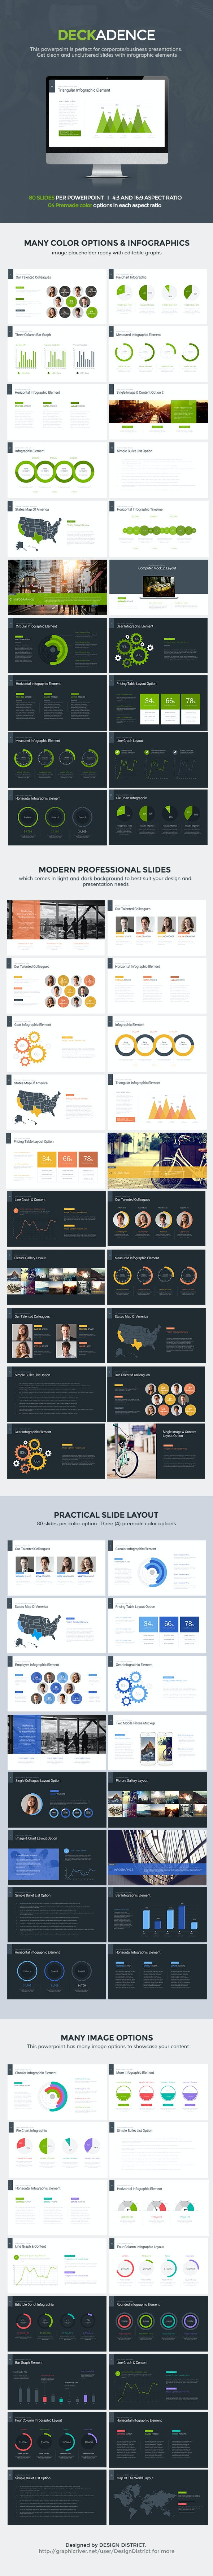 Decker Powerpoint Template - Pitch Deck PowerPoint Templates